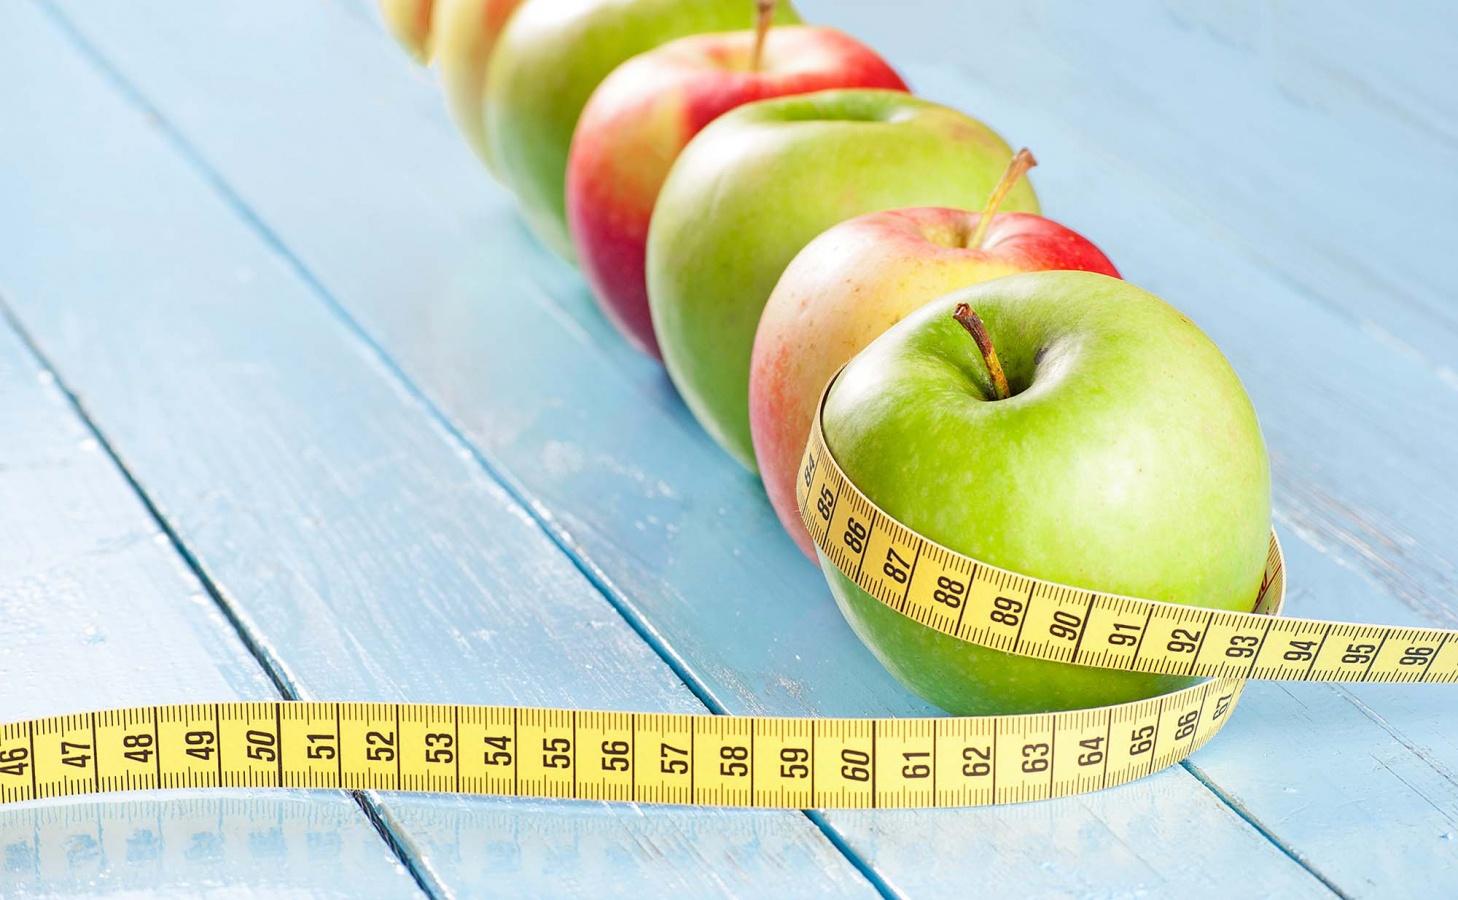 Похудение Лучшие И Безопасные Методы. Лучший способ похудеть в домашних условиях - эффективные диеты и упражнения